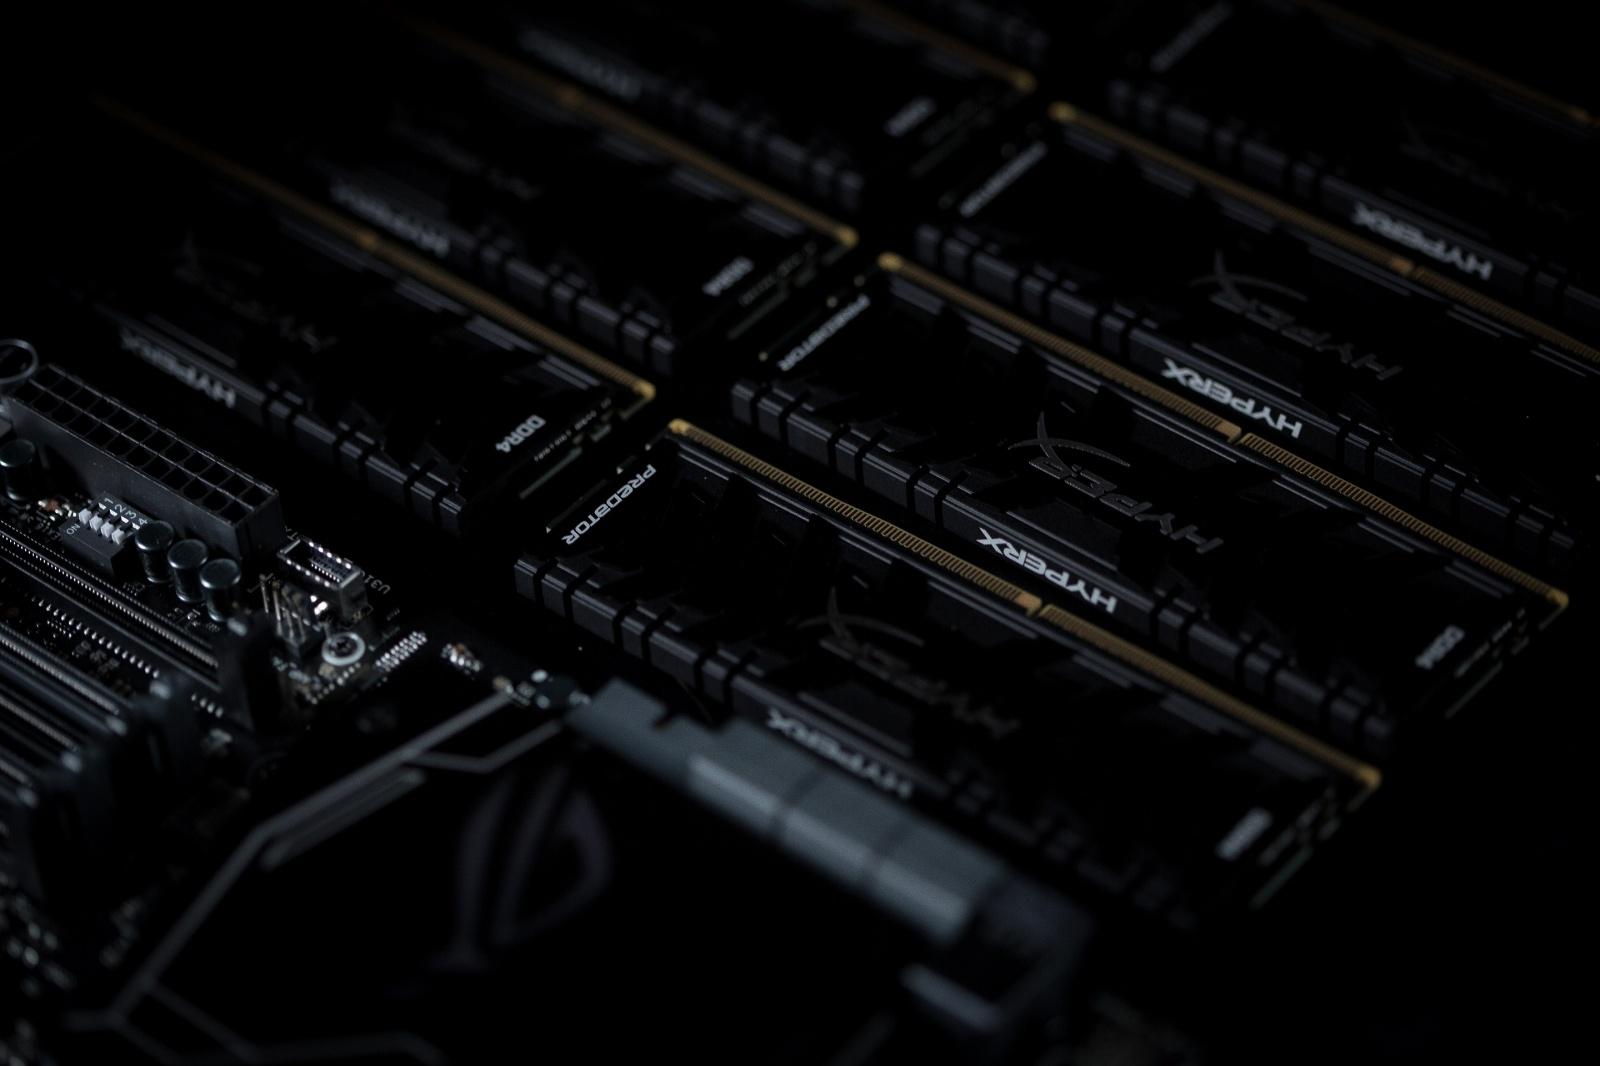 «Спасибо за помощь, камрад!» Ускоряем игровой ПК на базе процессора AMD Ryzen - 8